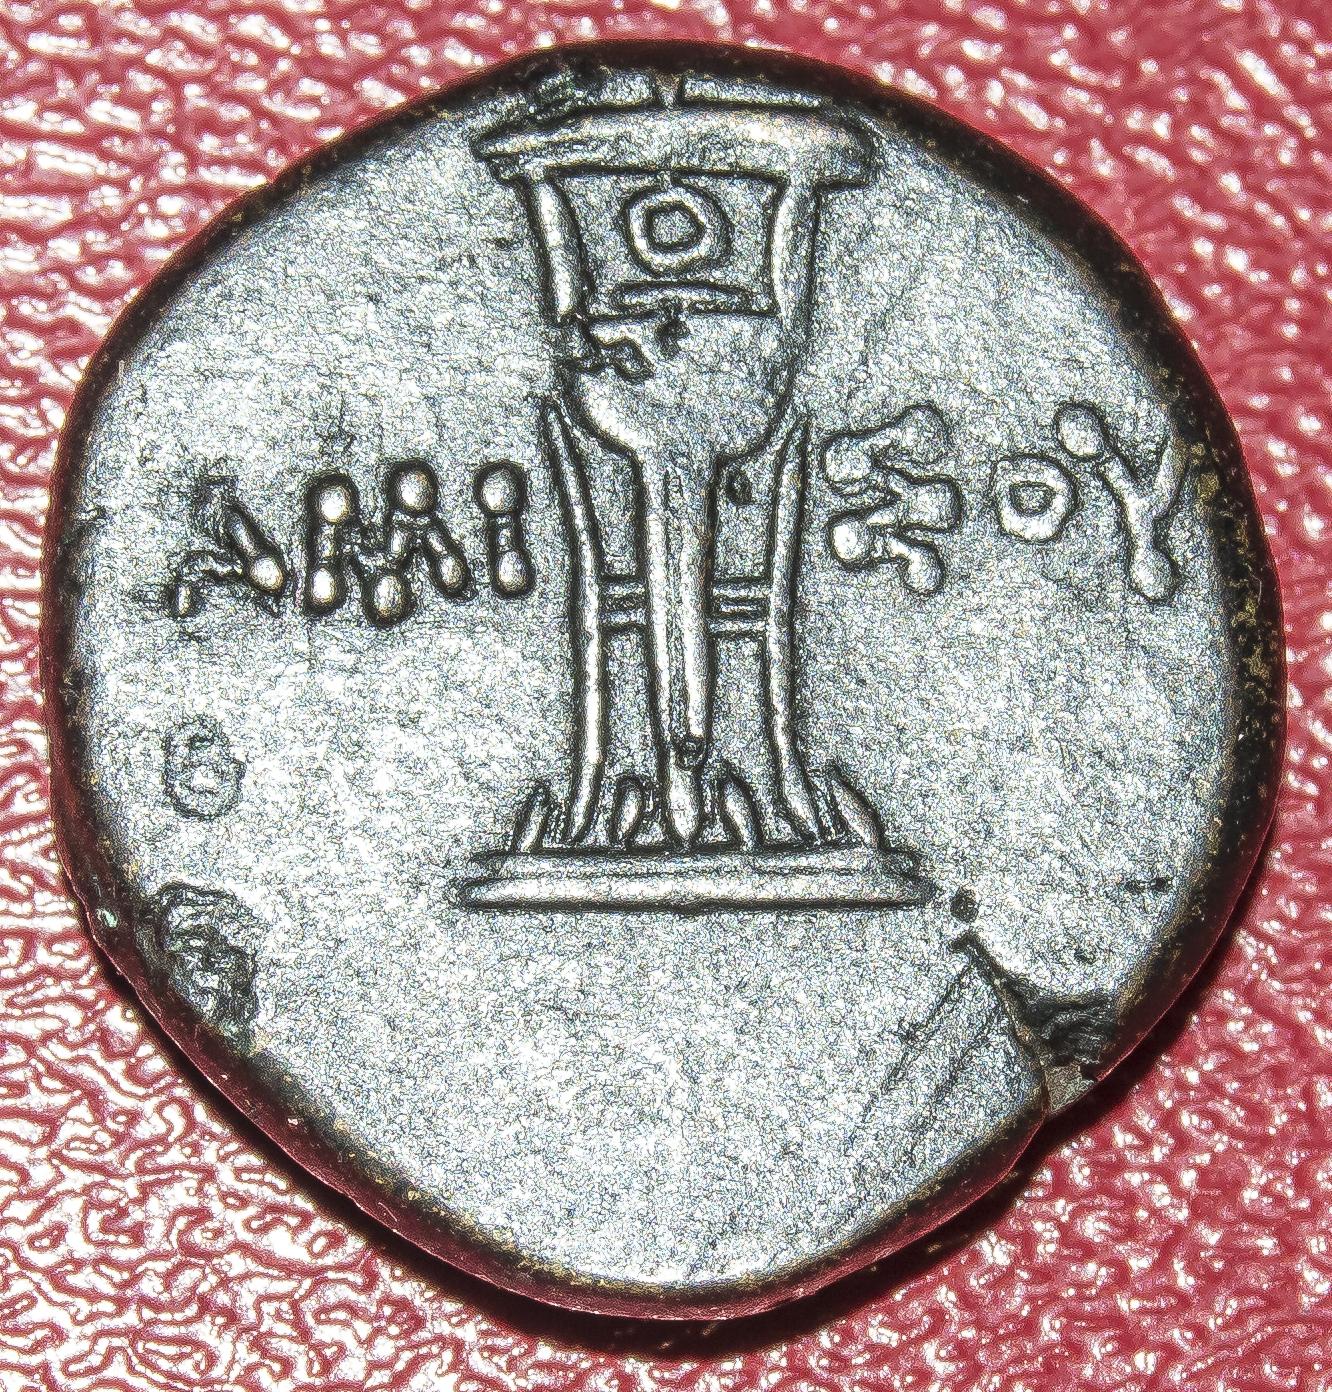 AE18 de Amisos (Pontos). Artemis a derecha. AMI-ΣOY. Trípode. 2hx4unr